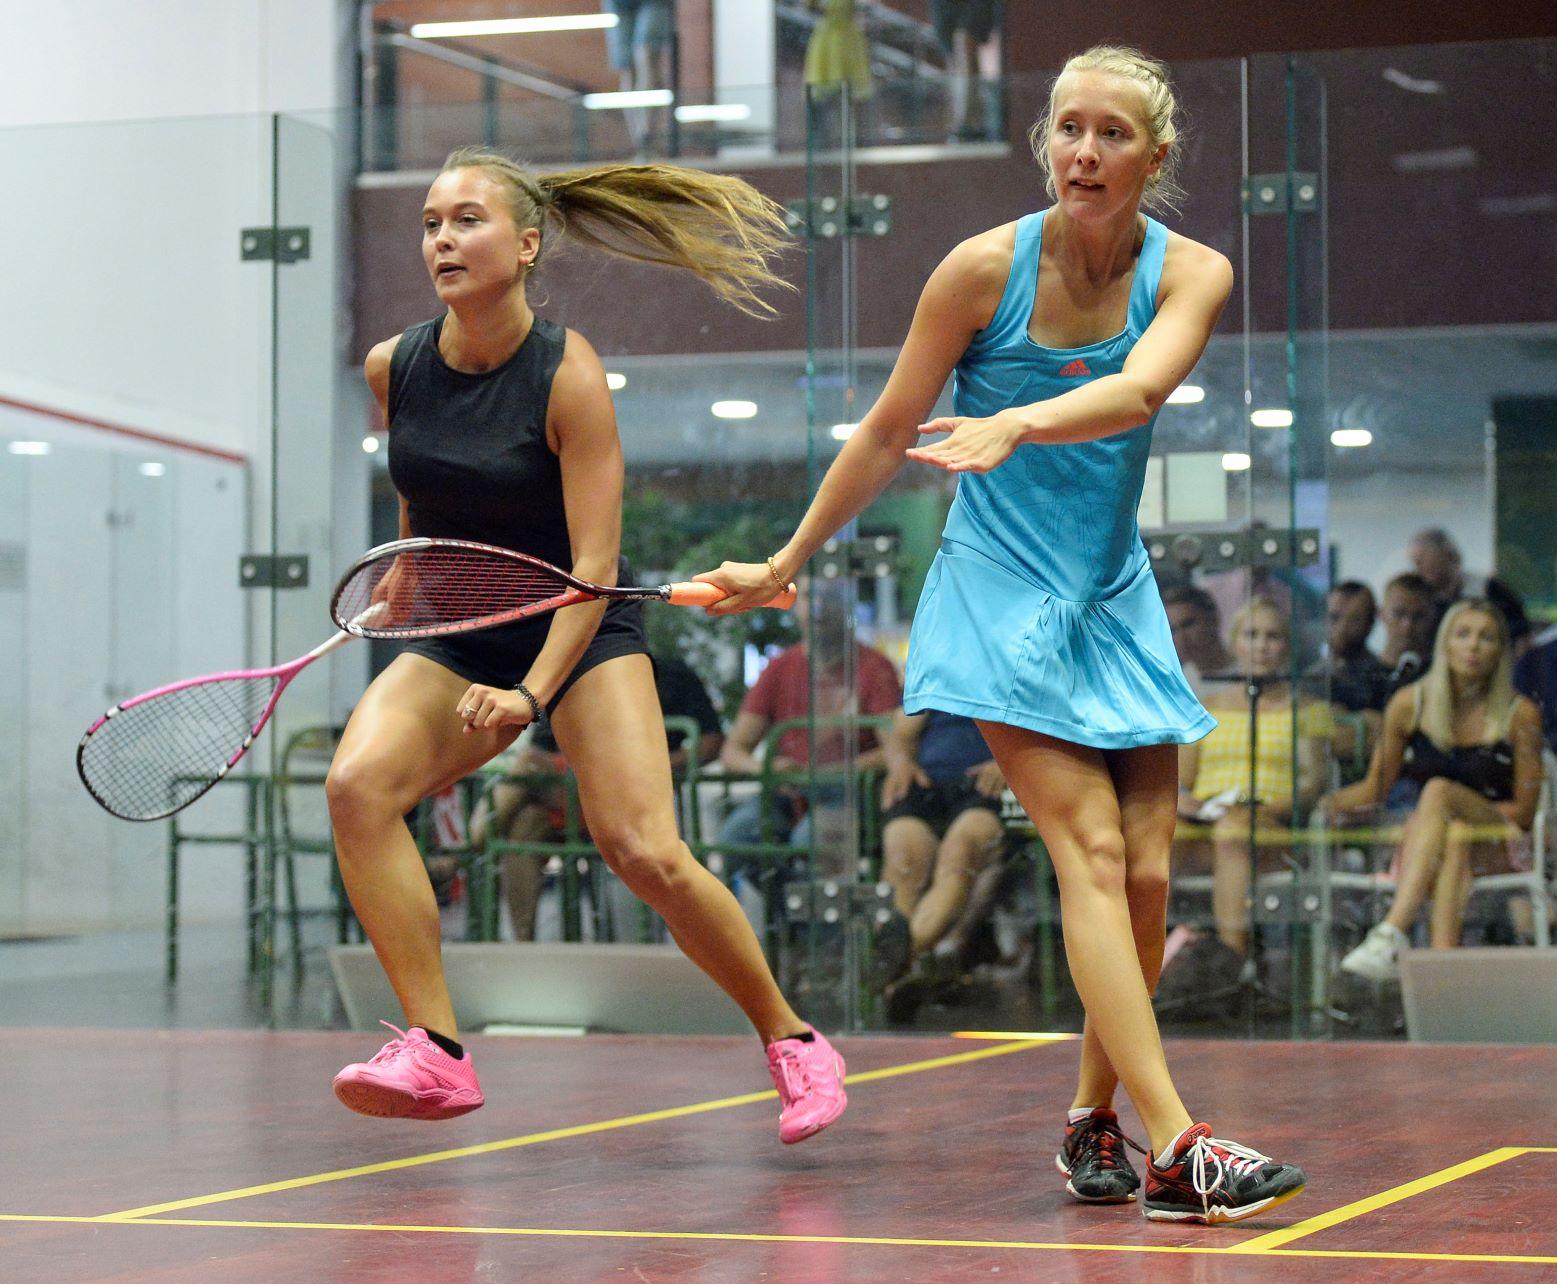 Kaksi squashinpelaajaa rinnakkain squash-kentällä